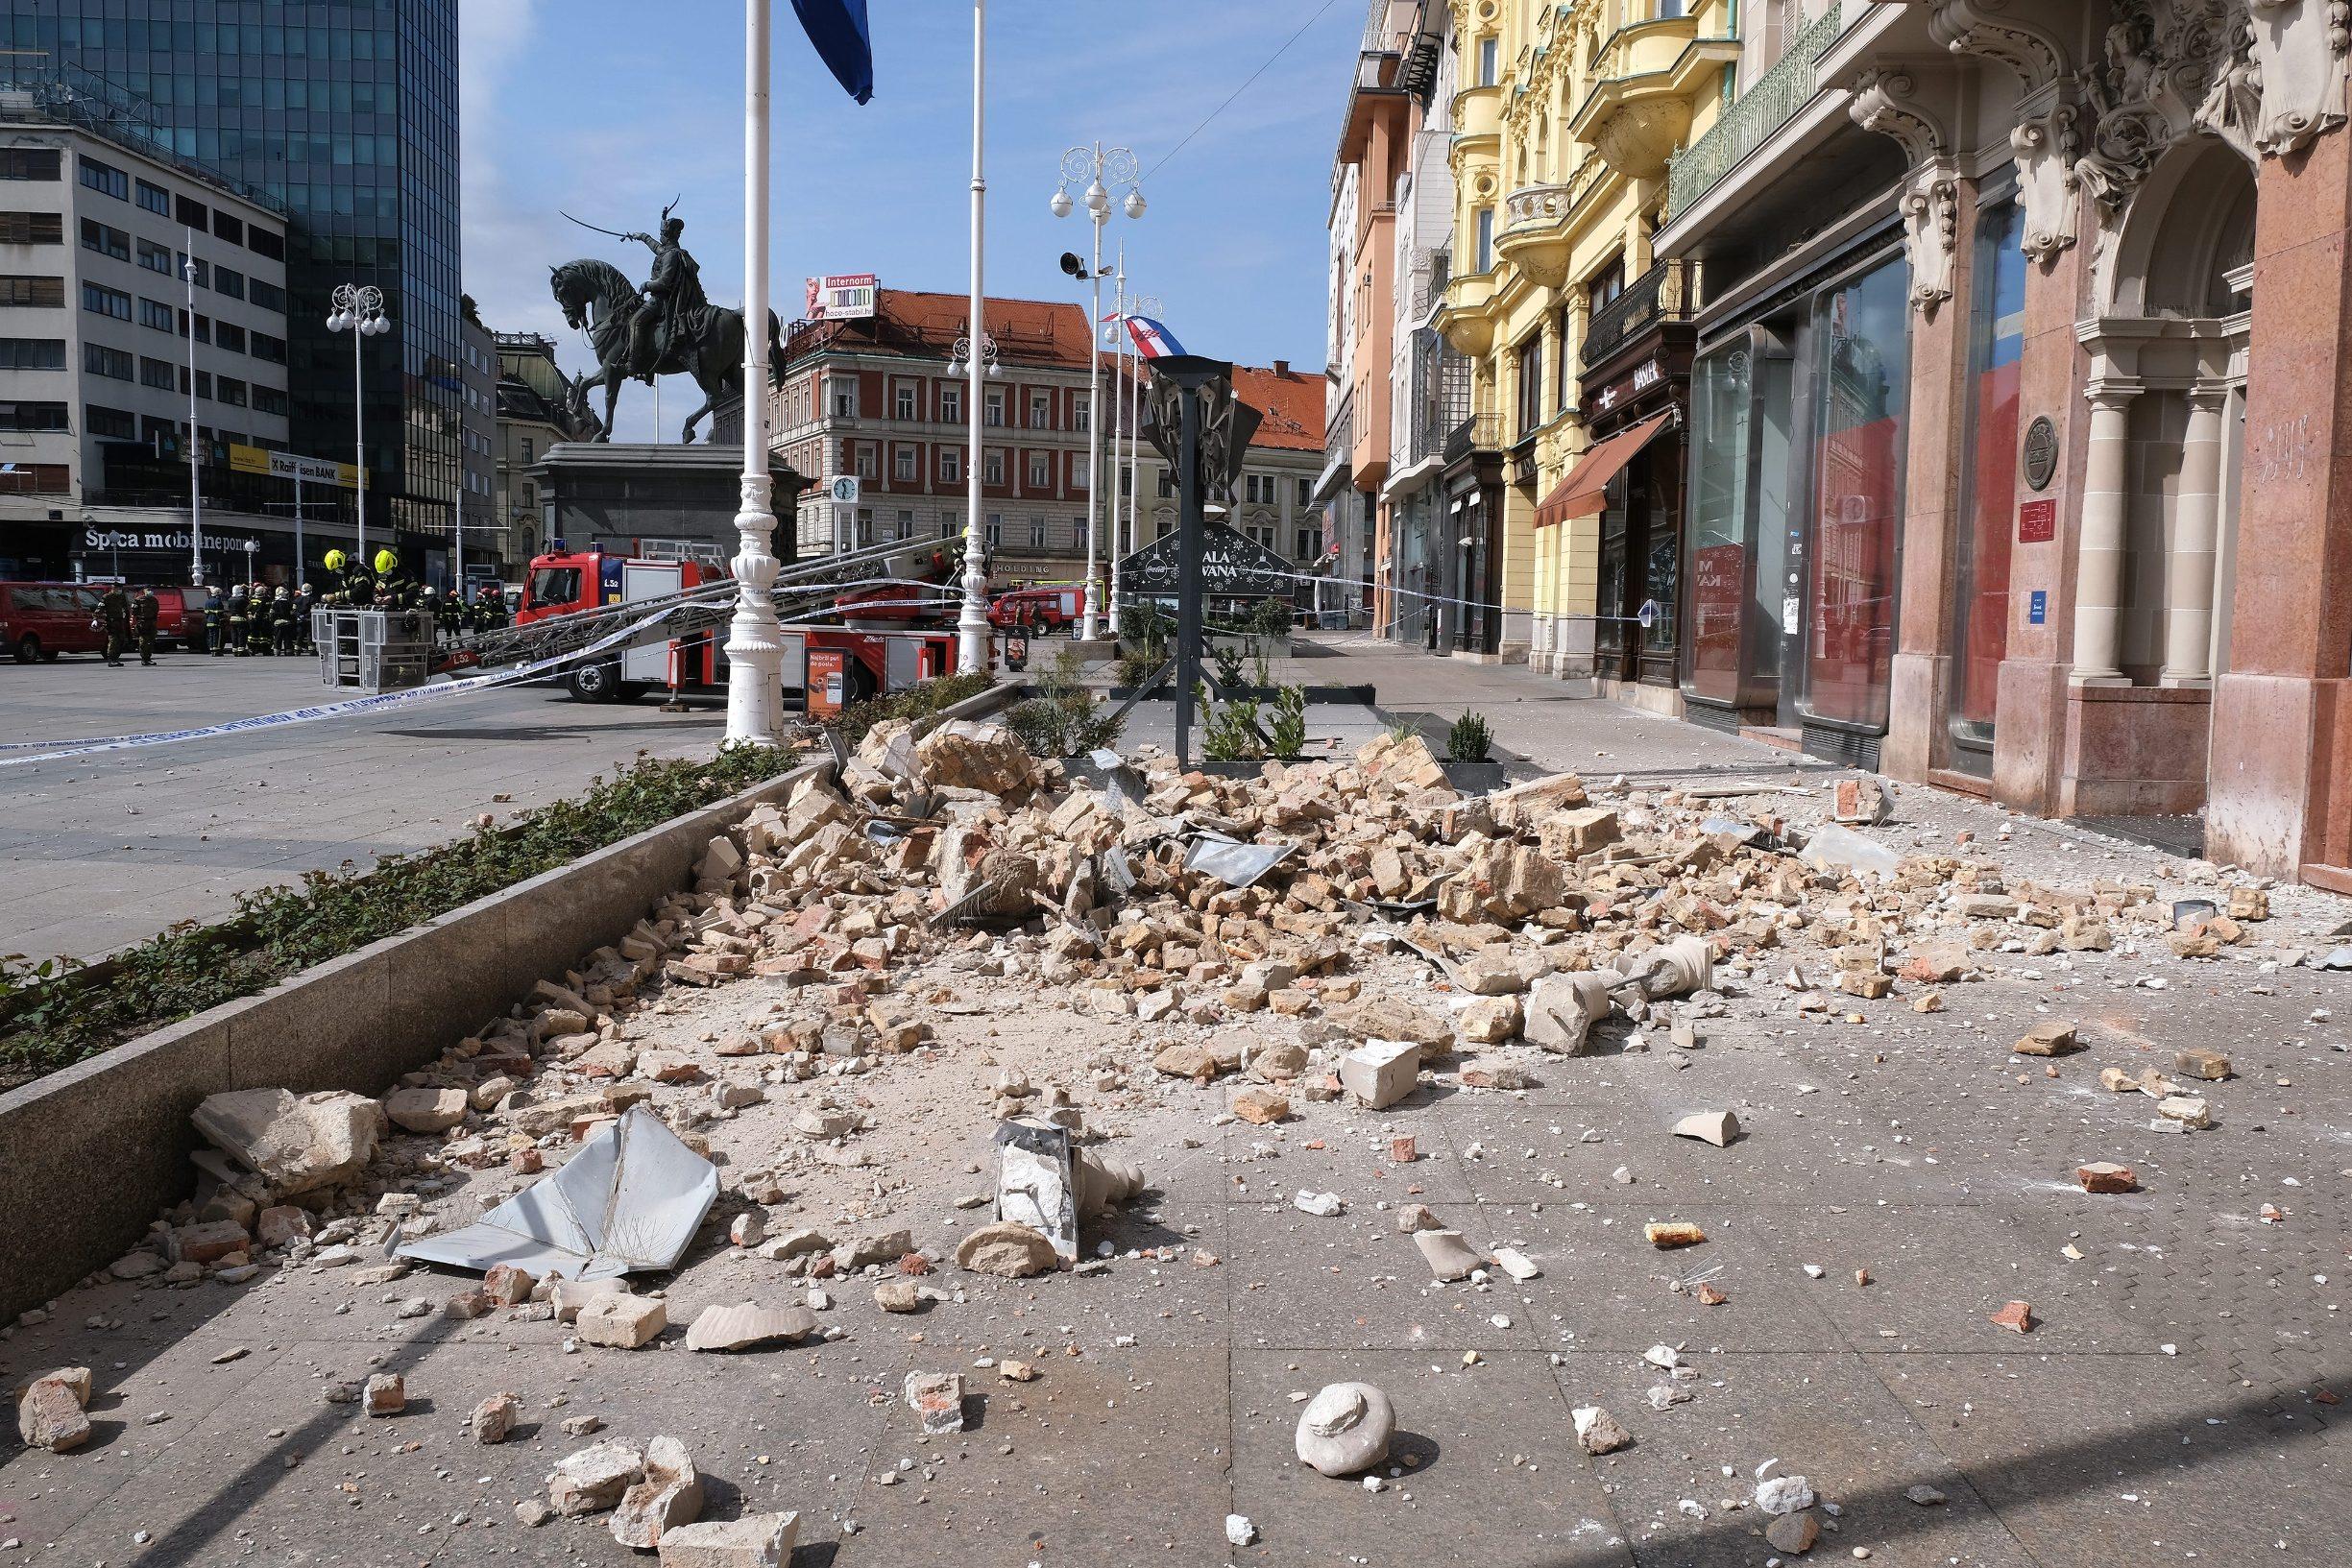 Jutarnji List Zagreb Se Ne Prestaje Tresti Zesci Potres Ponovno Prodrmao Hrvatsku Metropolu Magnituda Je 3 3 Bio Je To Jedan Od Najjacih Udara